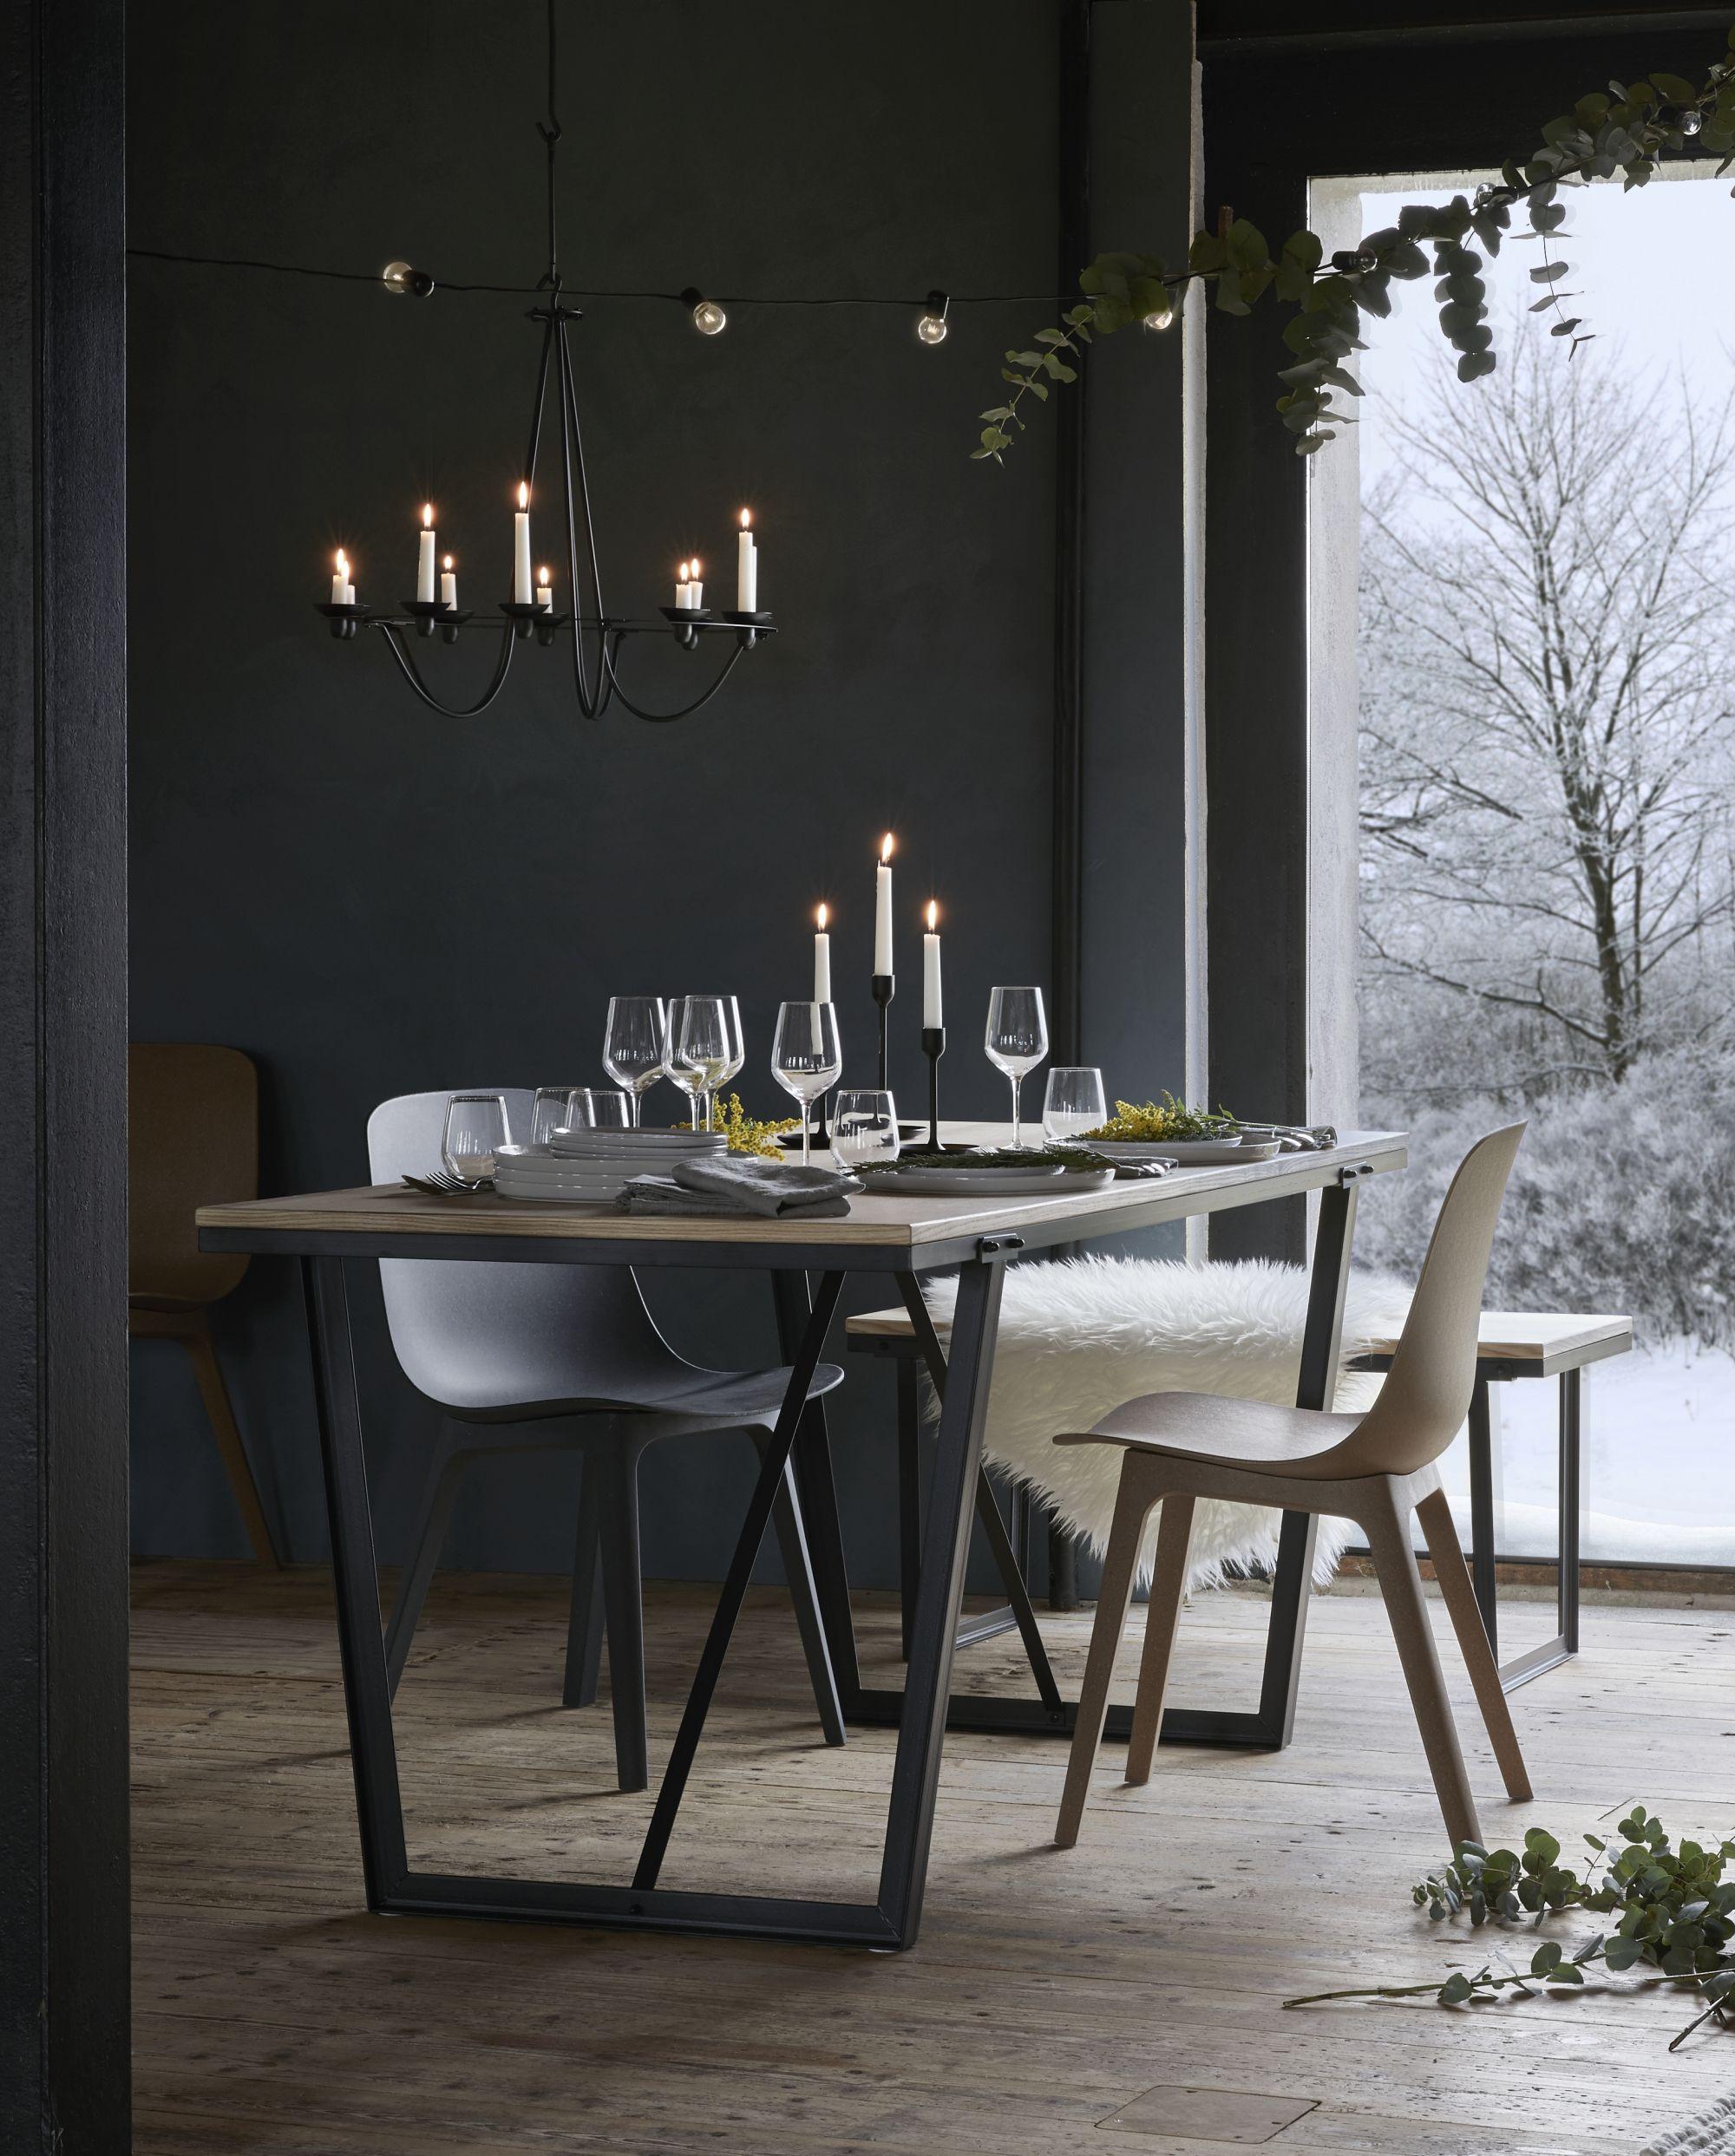 Schwarzes Metall skandinavisches design trifft auf 80er jahre charme warmes holz auf